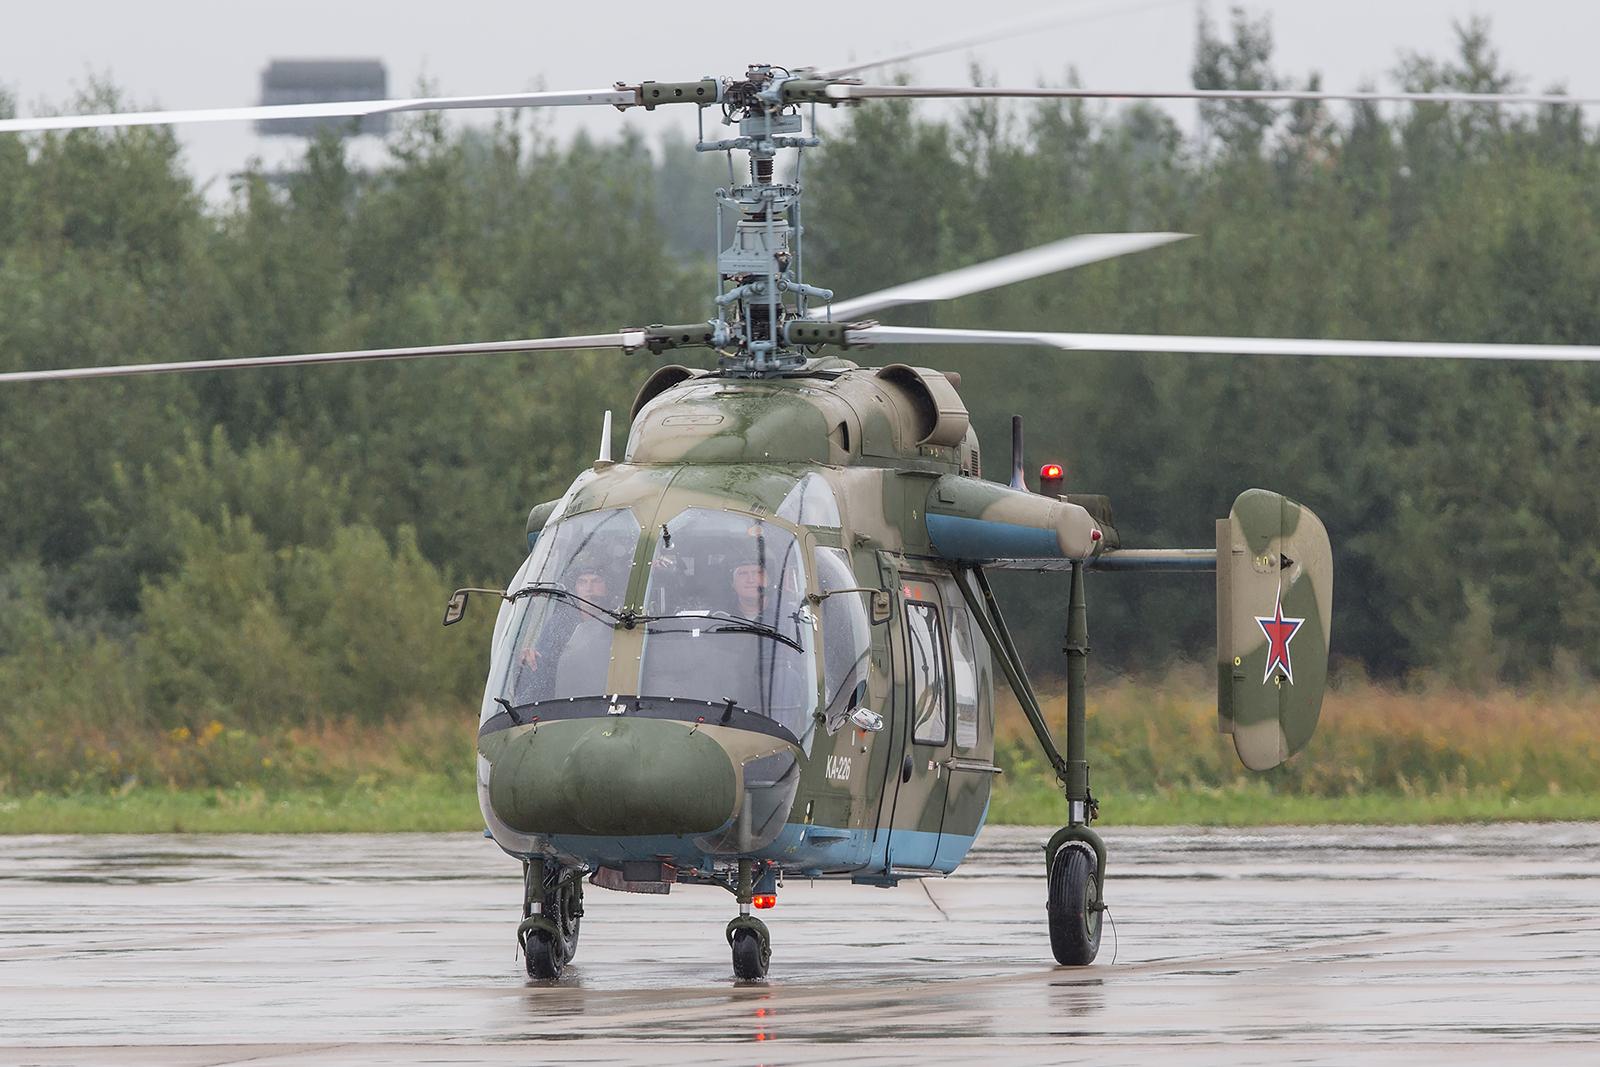 Noch immer verwendet man bei Kamov den Doppelrotor statt eines Heckrotors, hier einbe Ka-226.